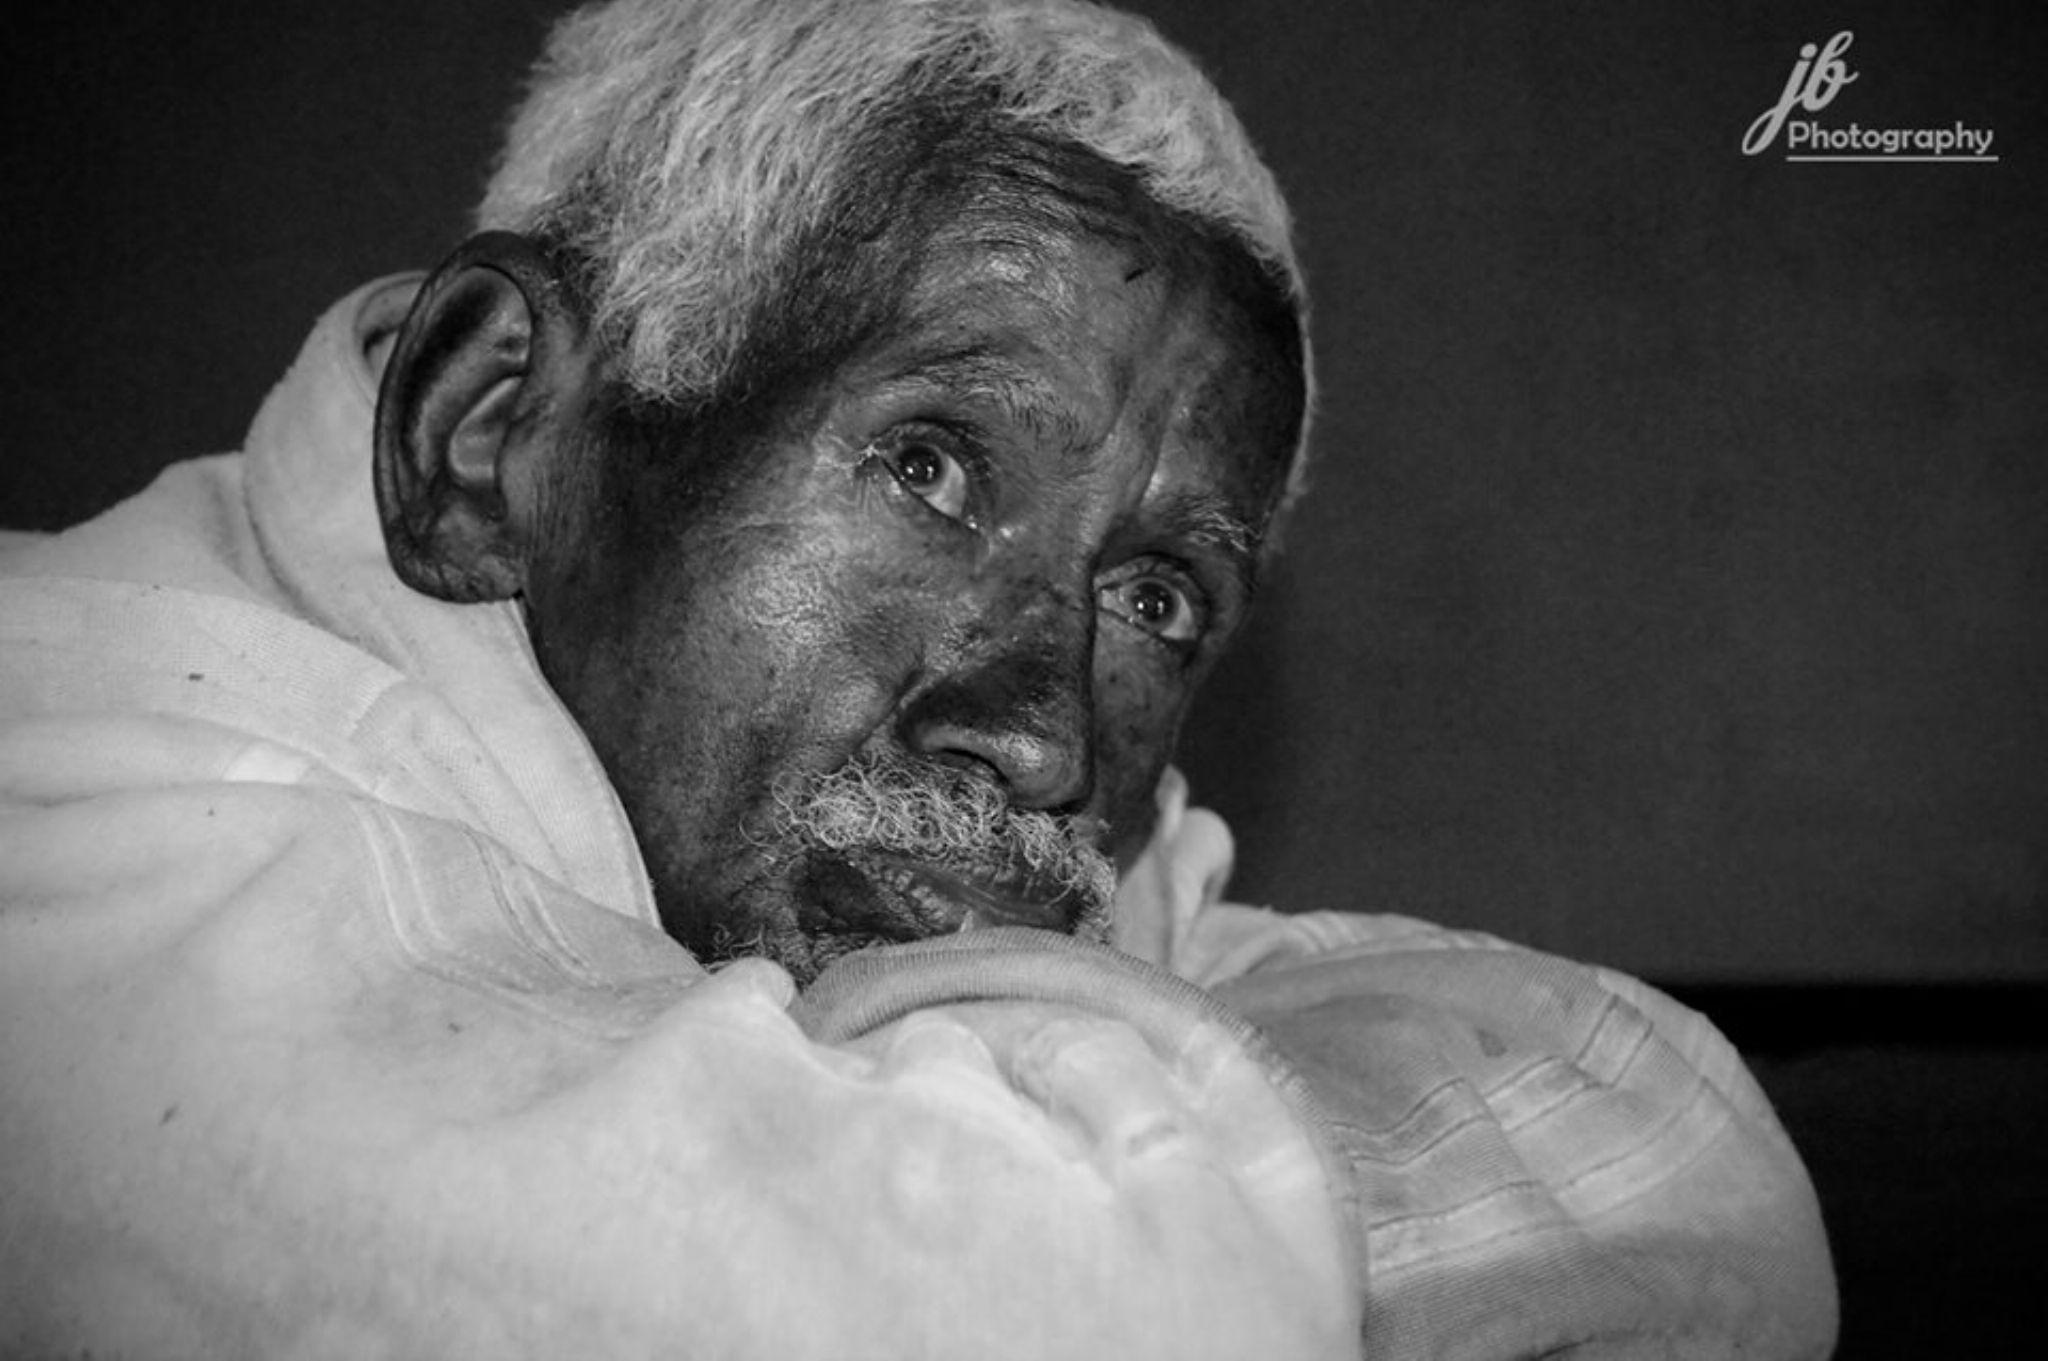 homeless by jtmagidivana